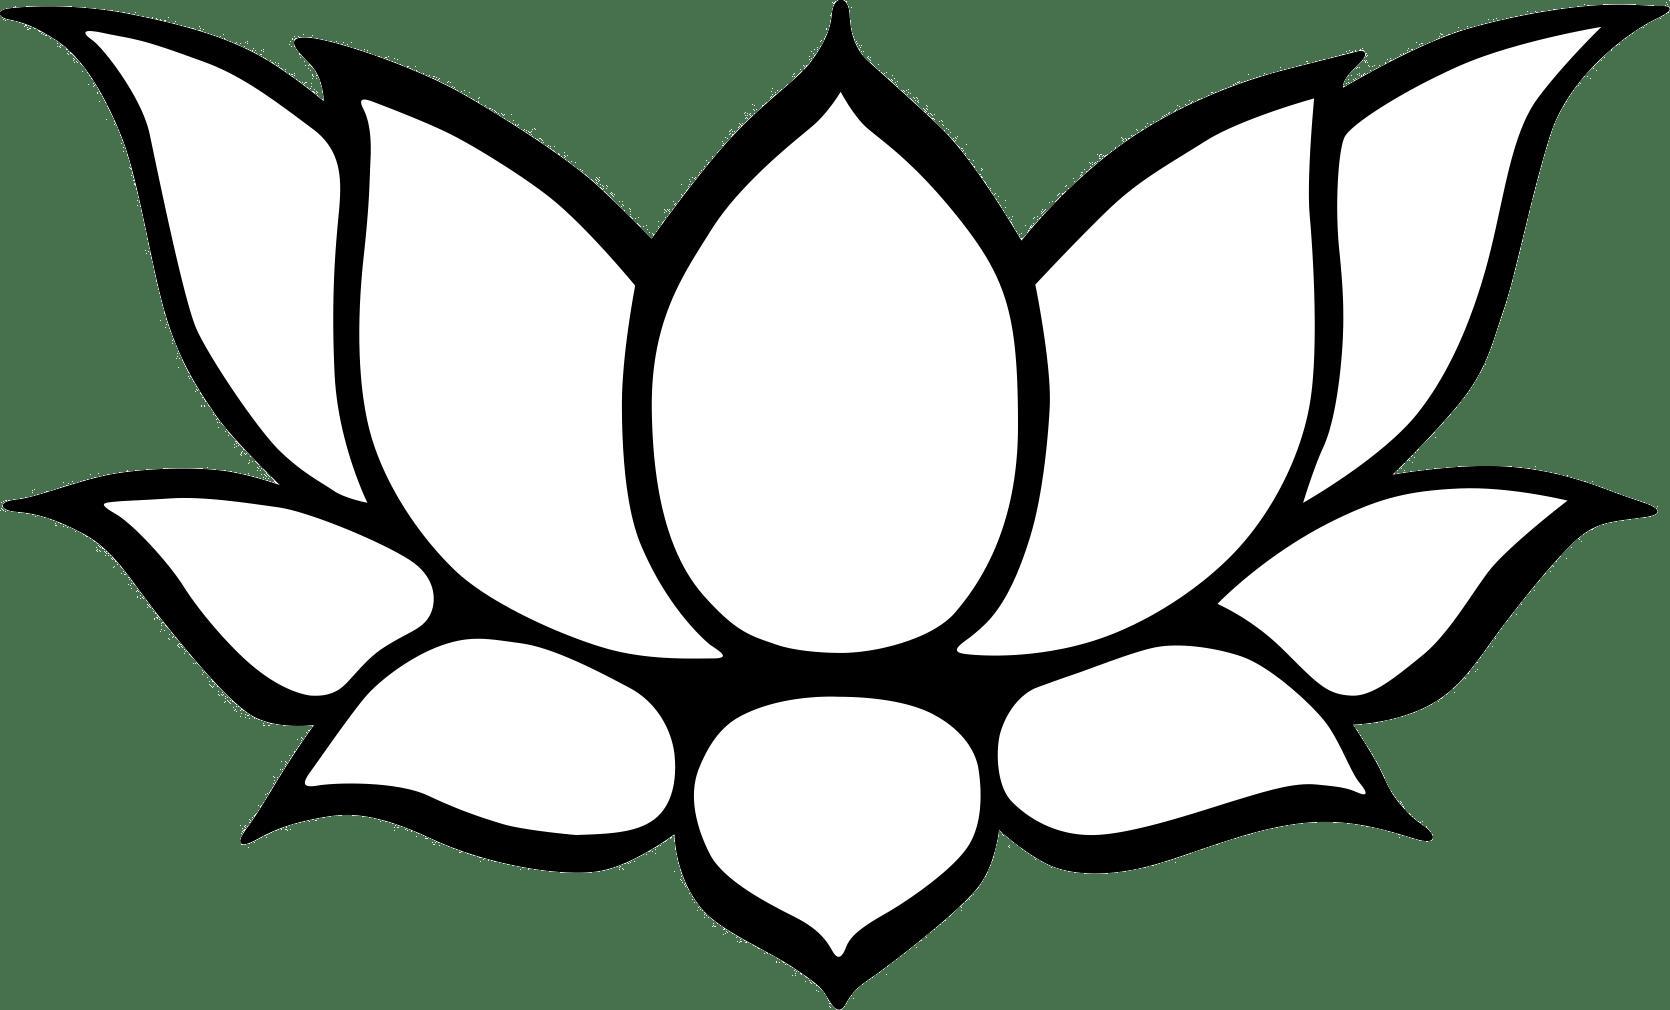 Lotus Line Drawing